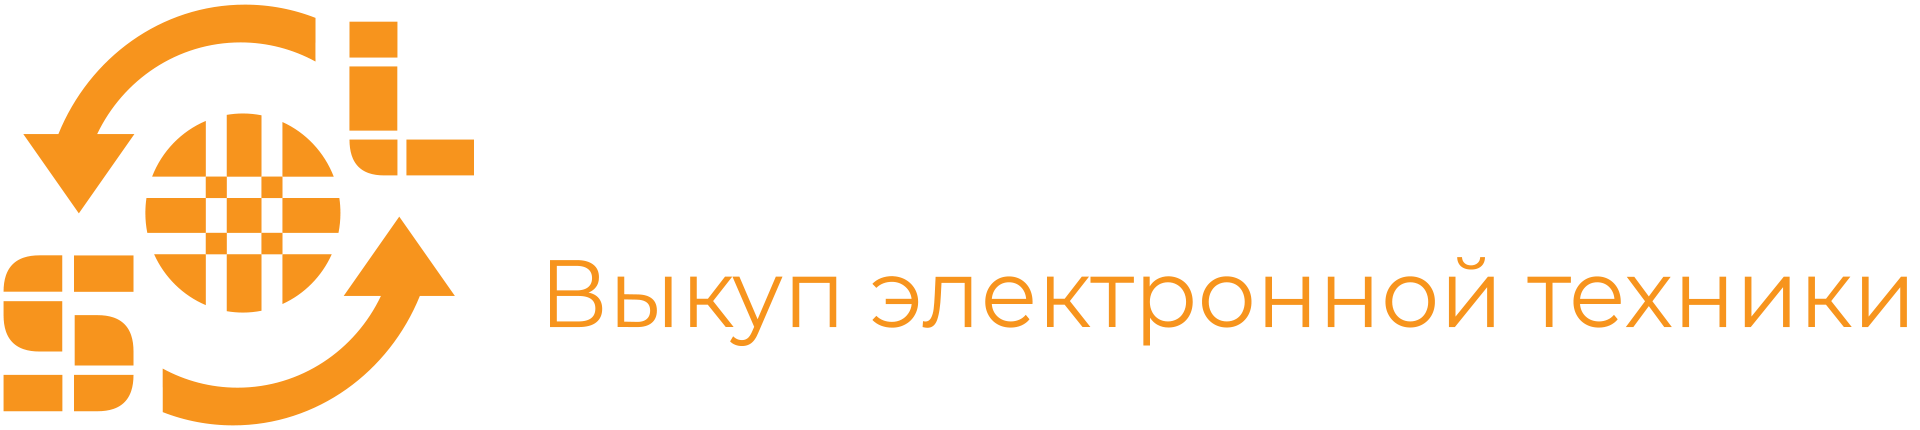 Скупка компьютерной техники в Москве Skupkaland